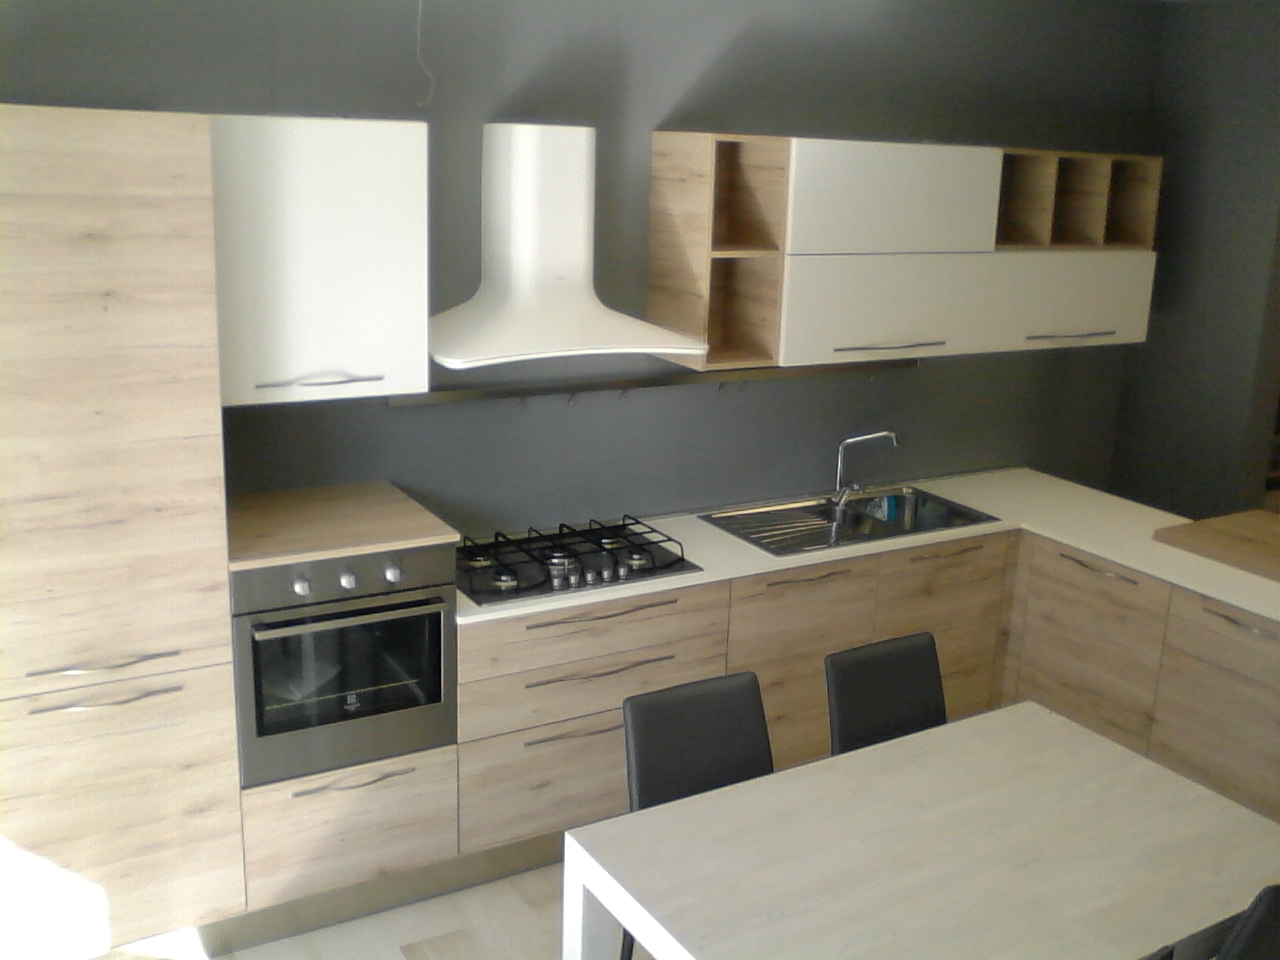 Cucina gicinque cucine oslo rovere scandinavo e bianco for Cucine piccole prezzi